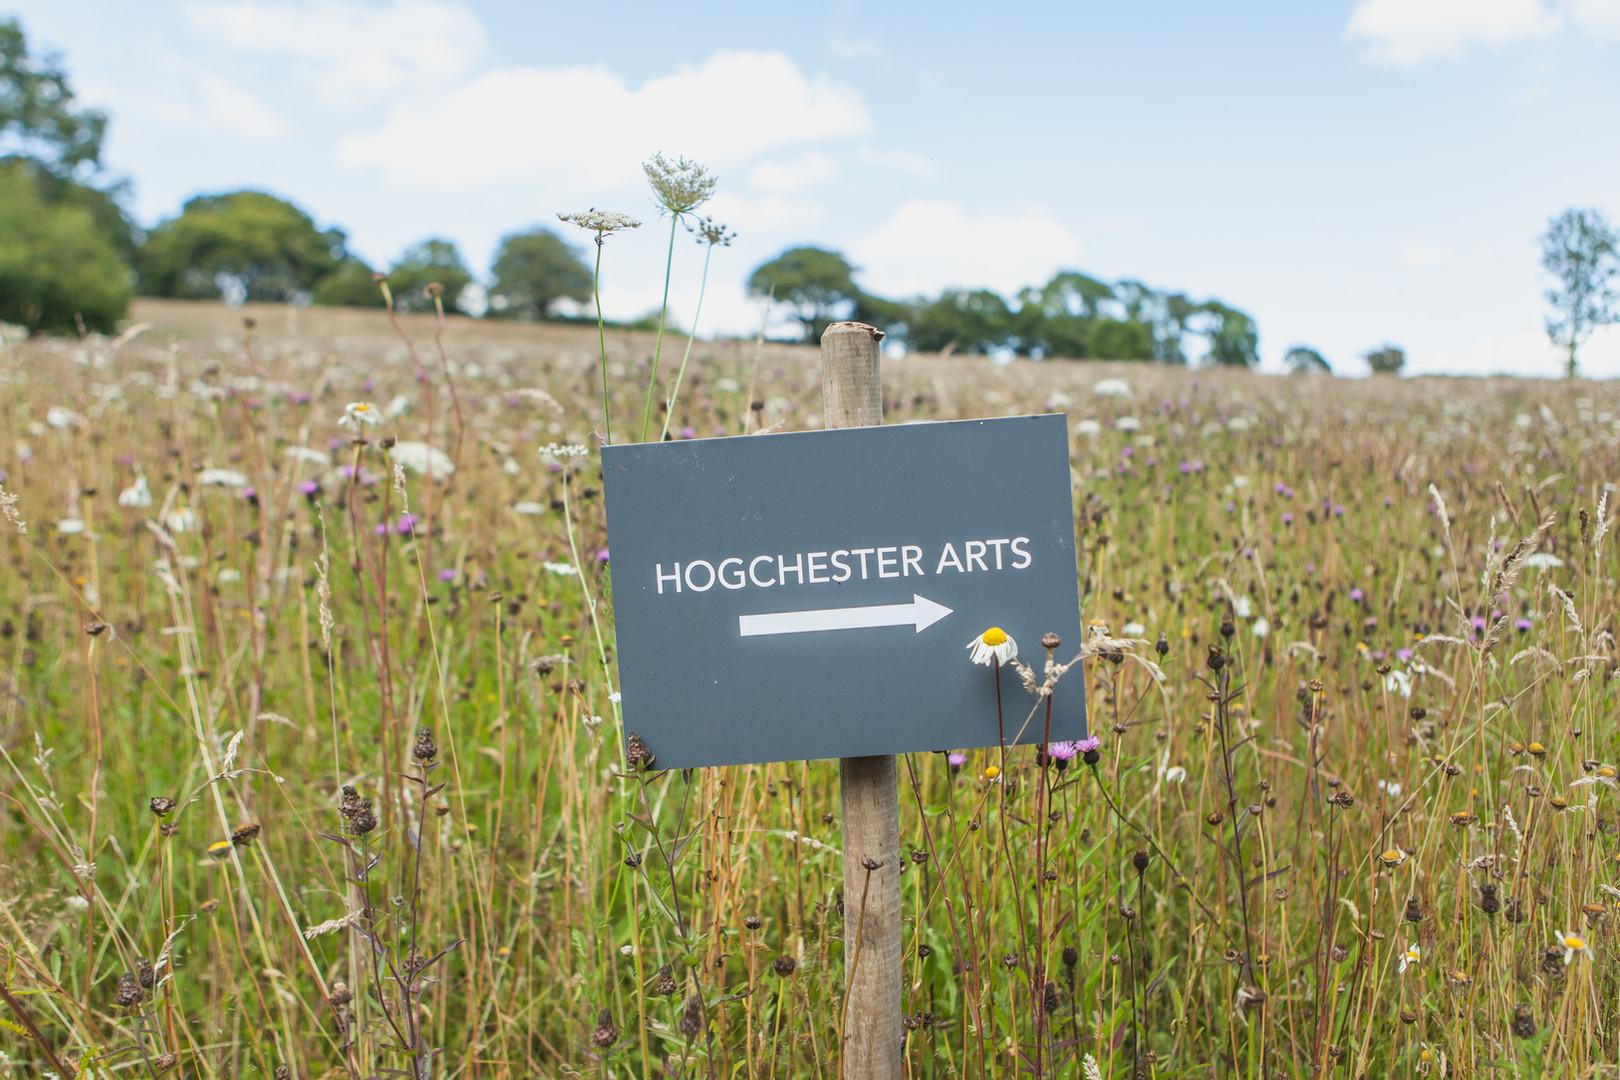 Hogchester Arts Exhibition